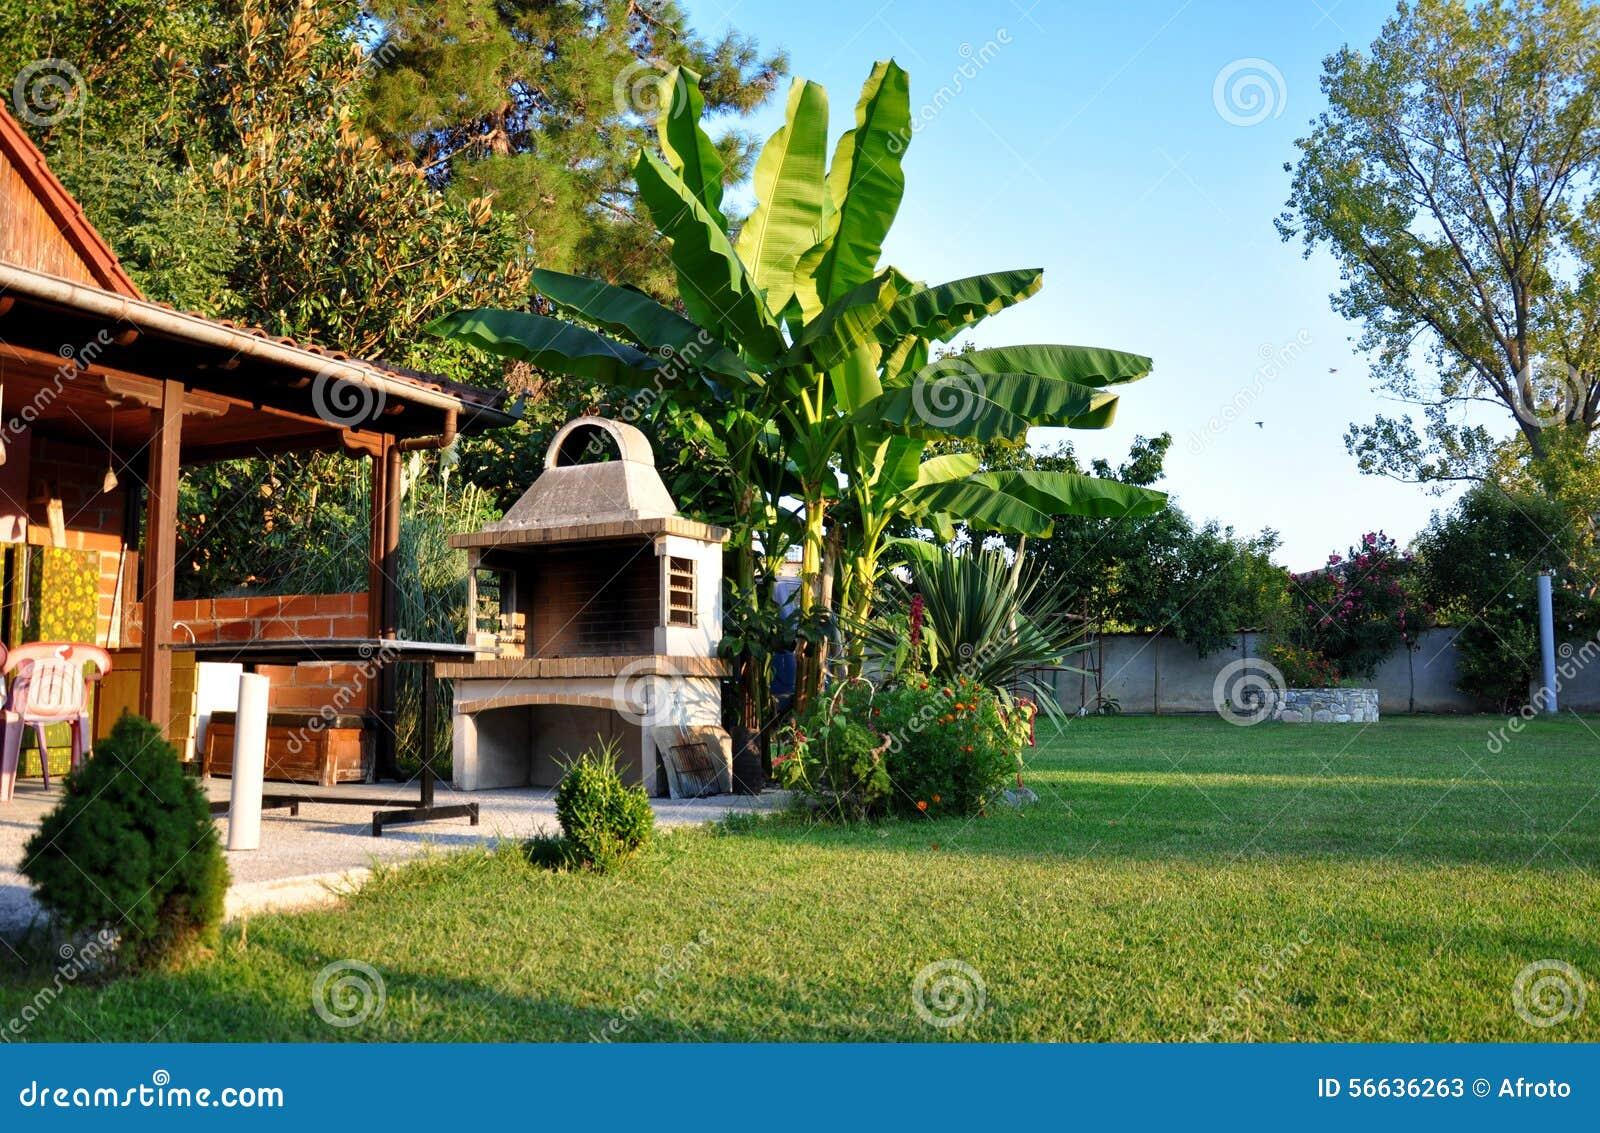 sch ner garten mit grill stockfoto bild 56636263. Black Bedroom Furniture Sets. Home Design Ideas